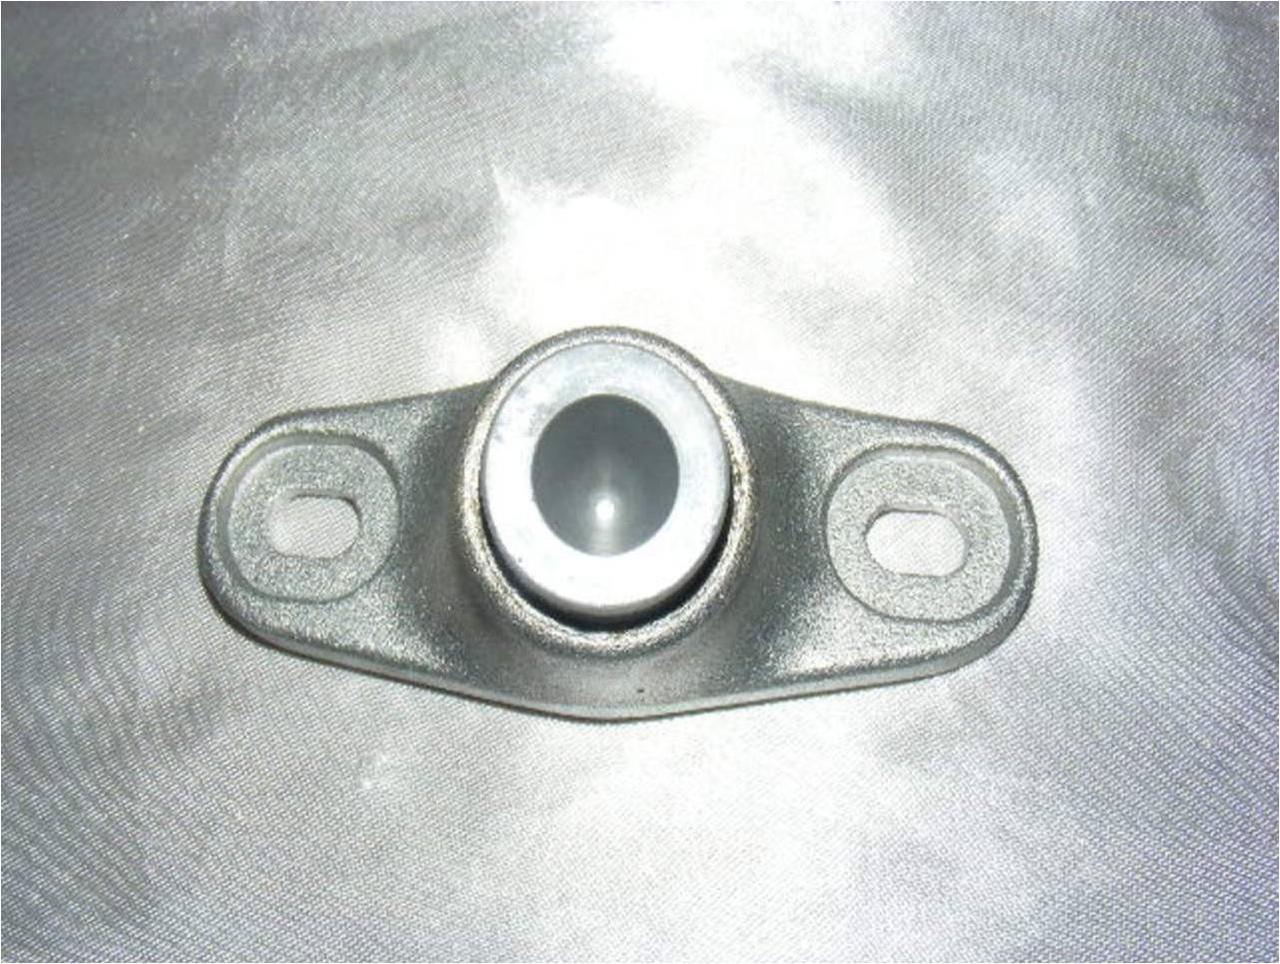 Заглушка стойки сдвижной двери нижняя Opel Combo 2009 -, Арт. 51830078, 2060106, FIAT